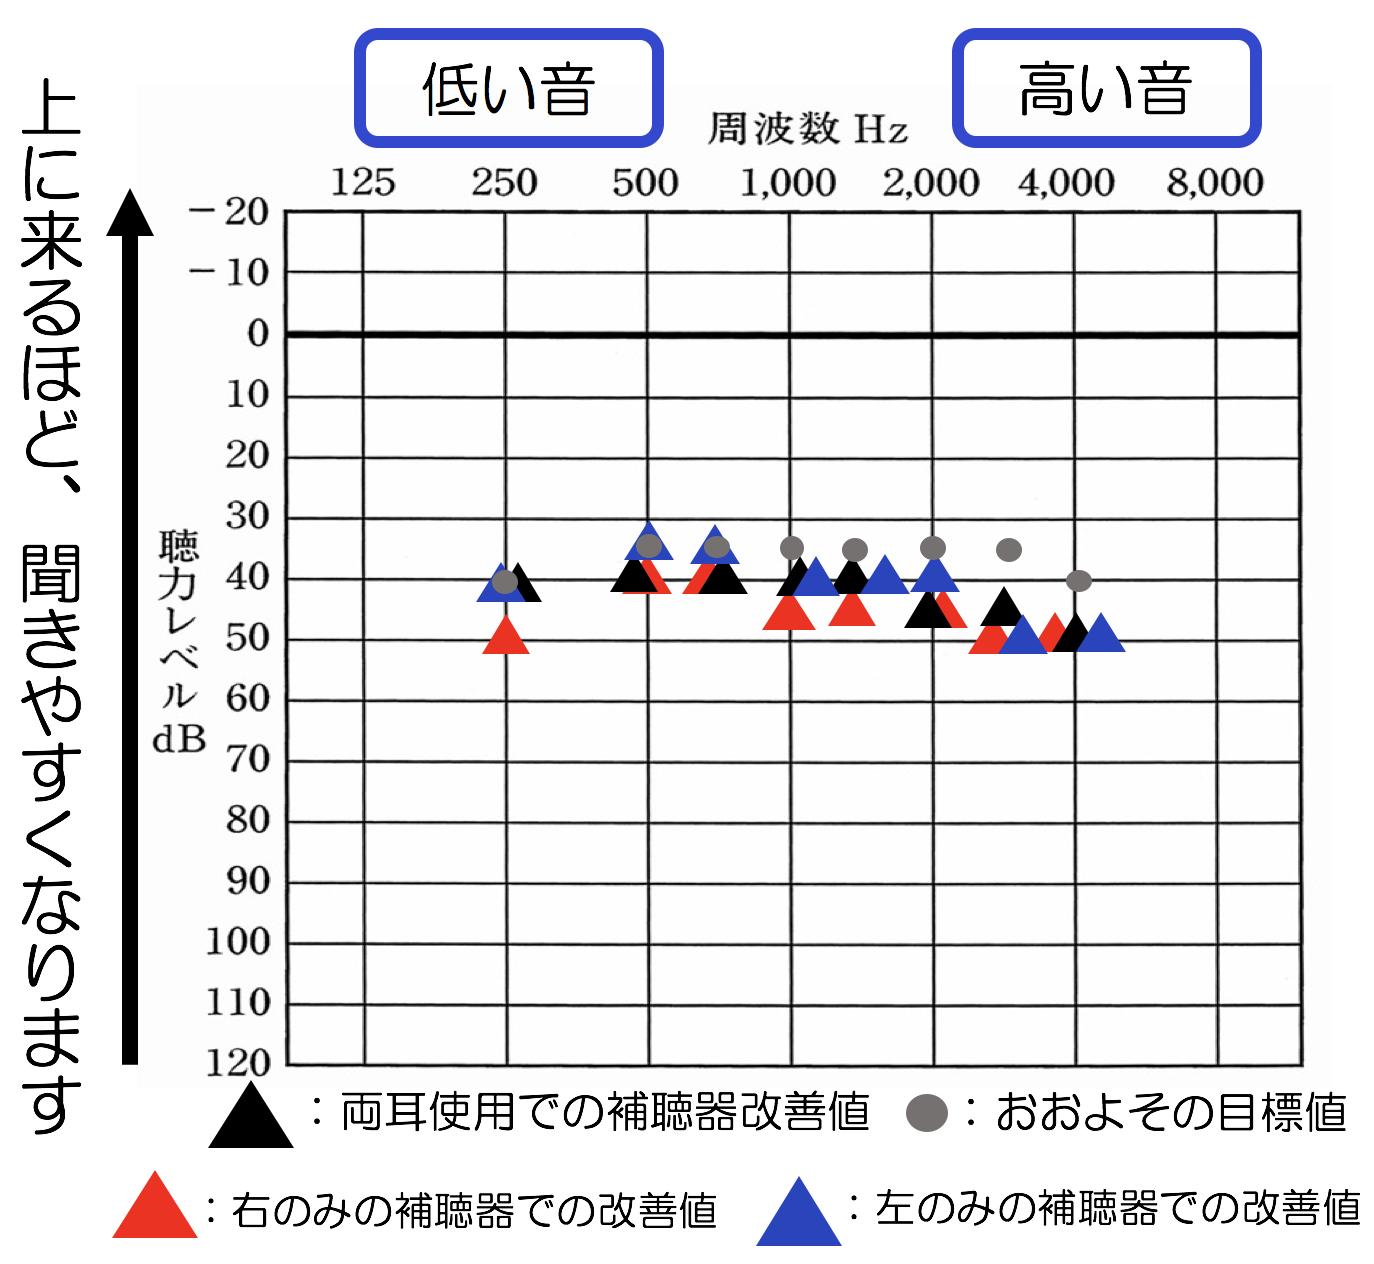 補聴器の効果測定(音場閾値測定)の結果。それぞれマークにより、意味が変化します。左右とも、目標となる聞こえの部分は、灰色の●のマークです。ですが、全体的に少し足りず、かつ、特に右側が非常に低いのが気になるところですね。